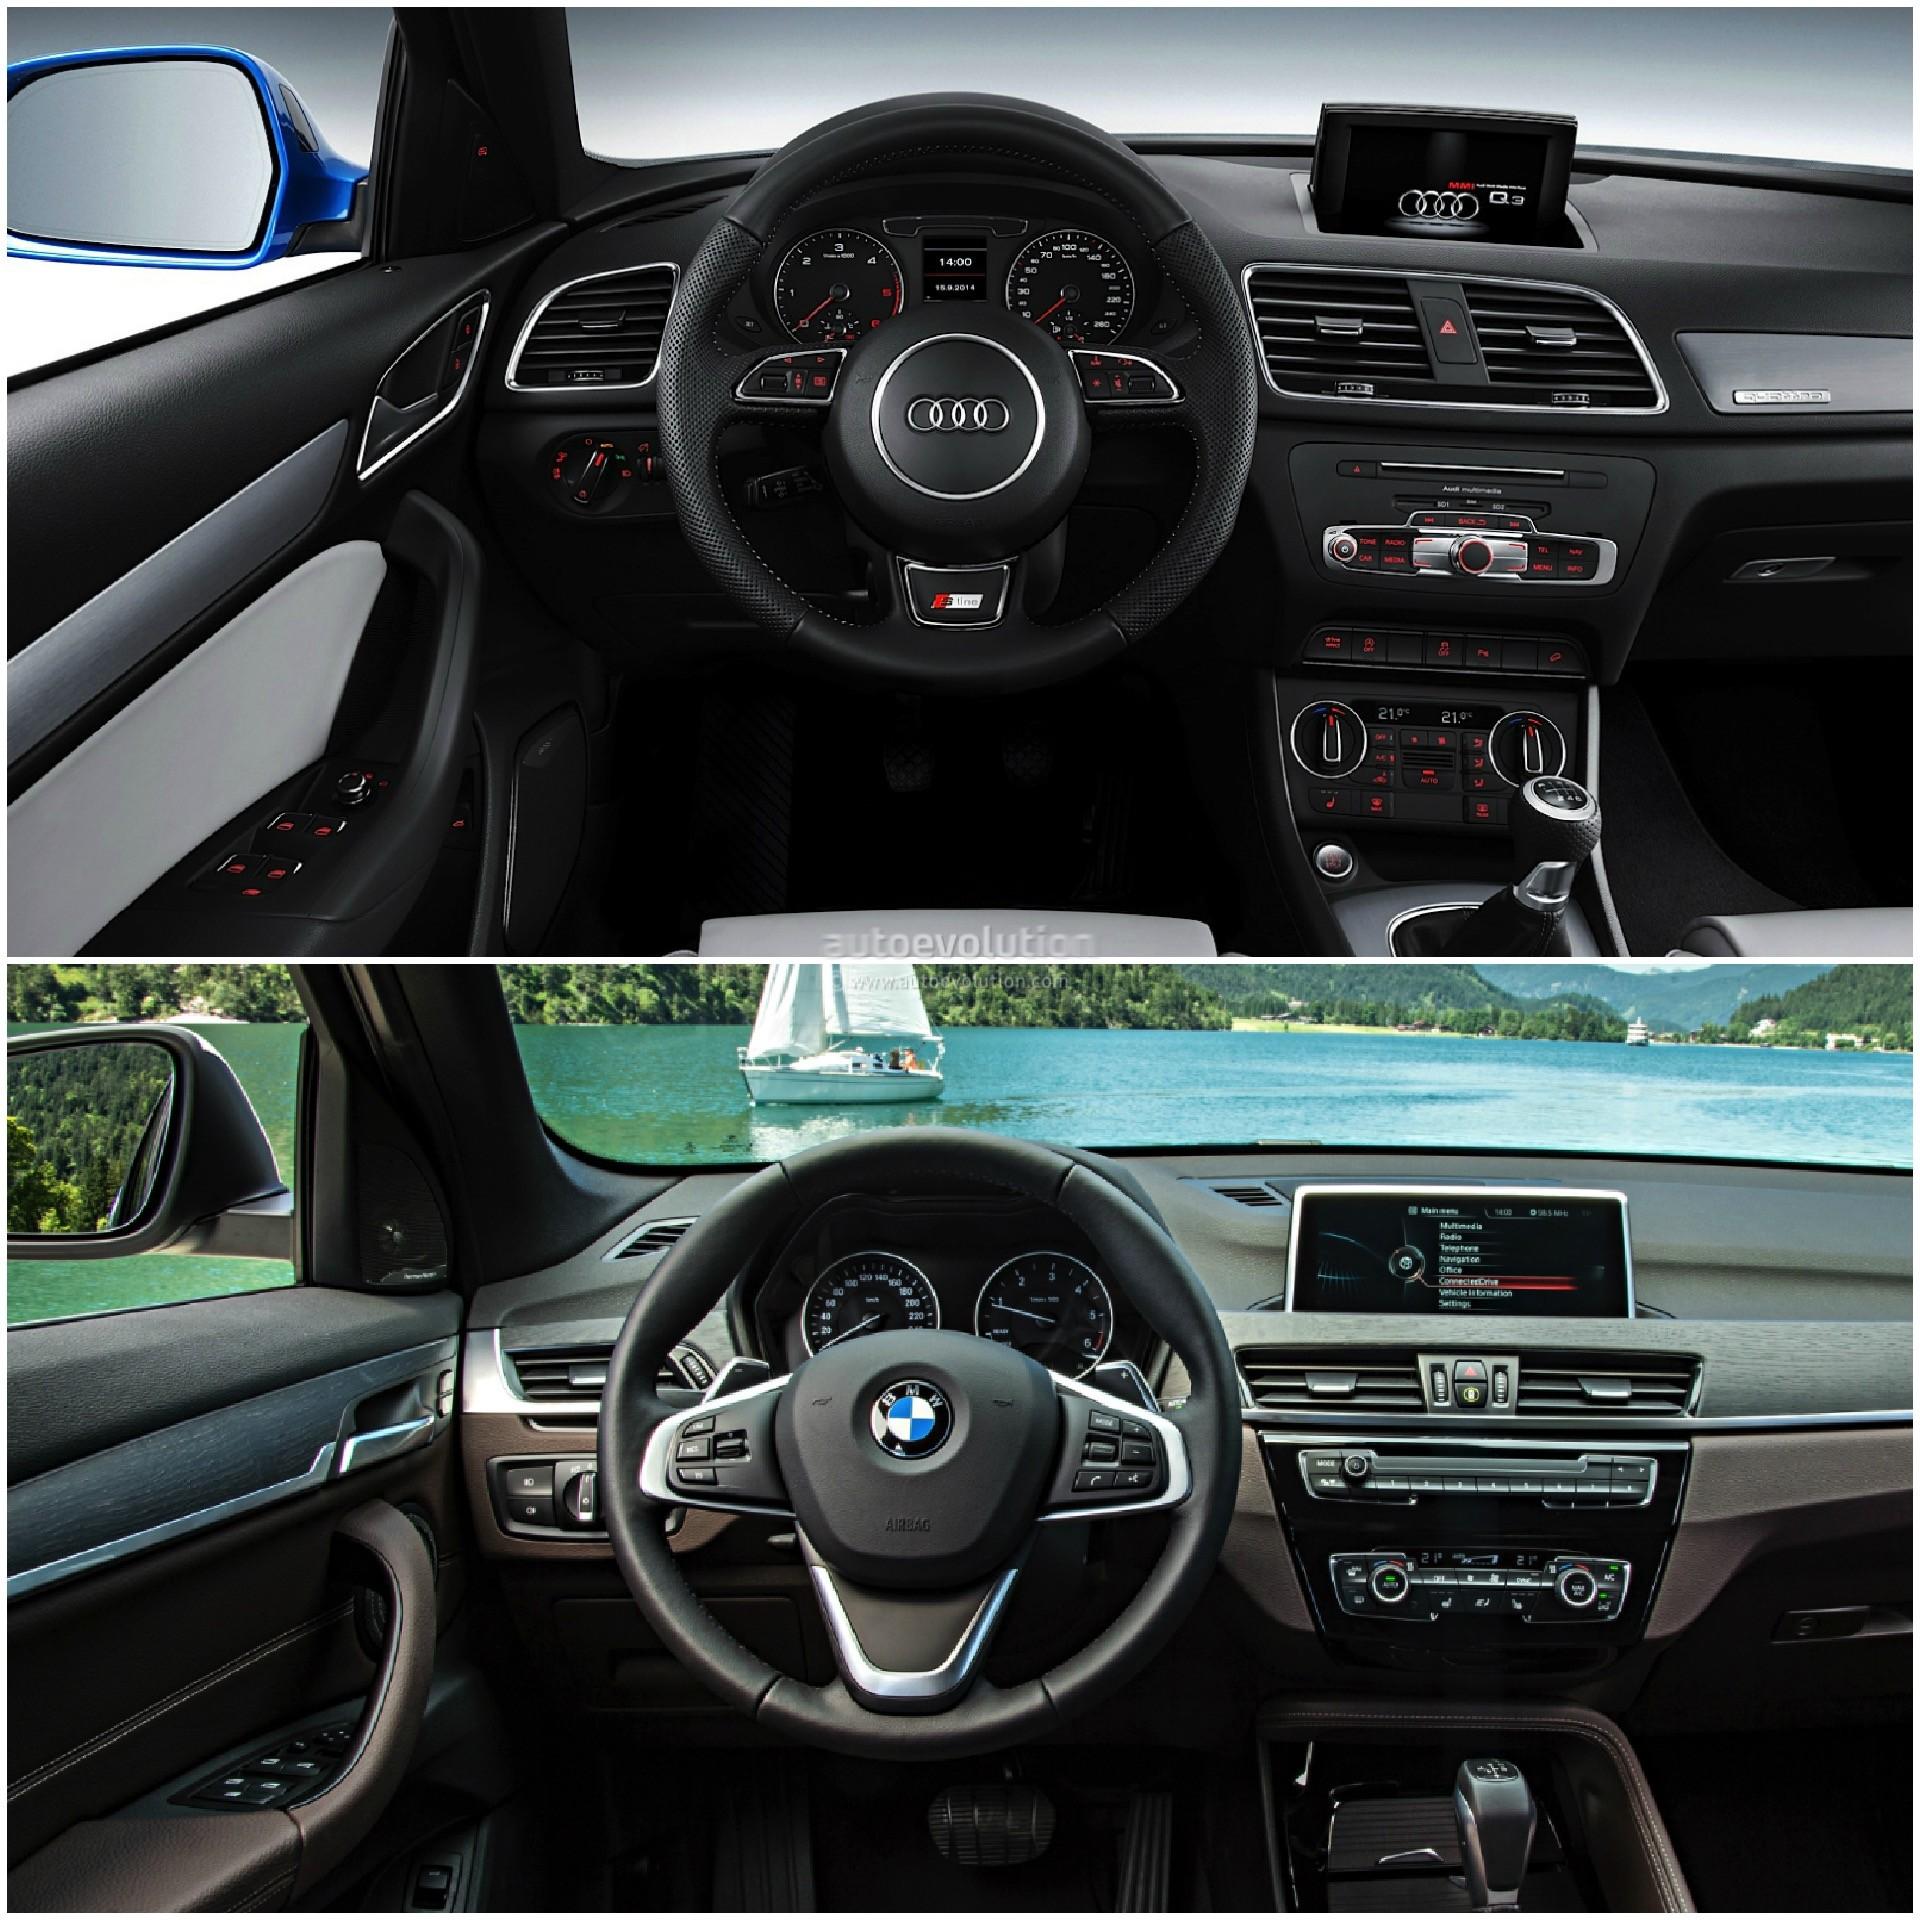 Bmw Z2 2015: 2015 BMW X1 Spy Video Shows Fresh Details